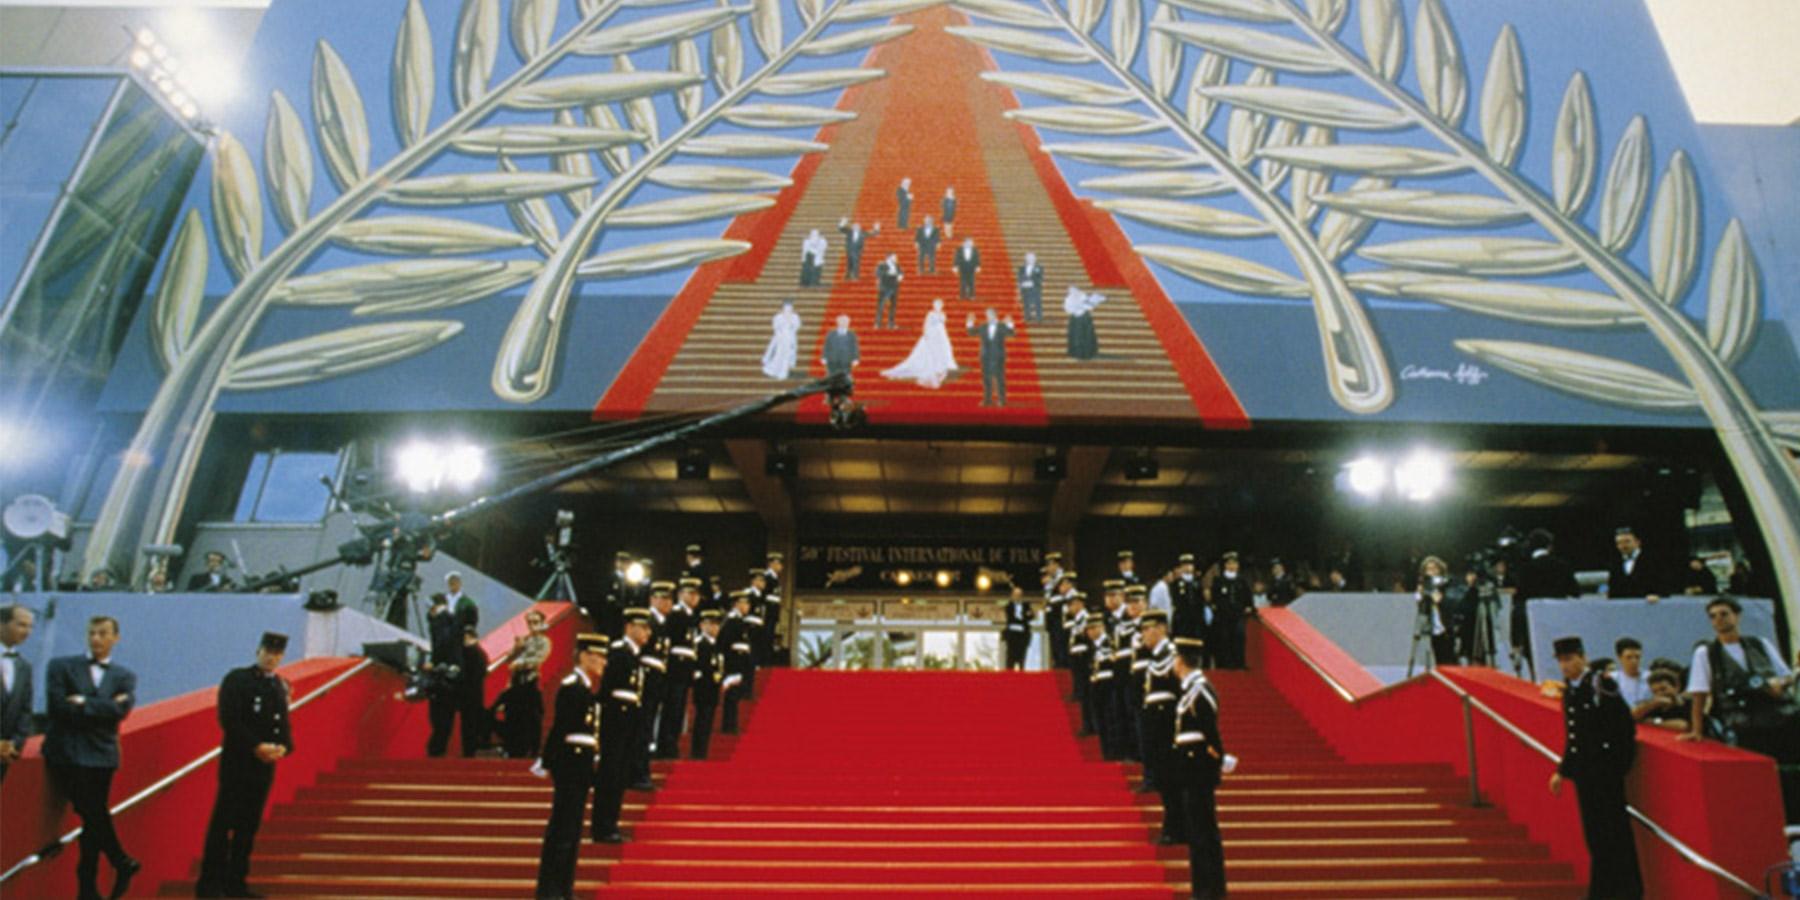 ВКаннах 17мая откроется международный кинофестиваль